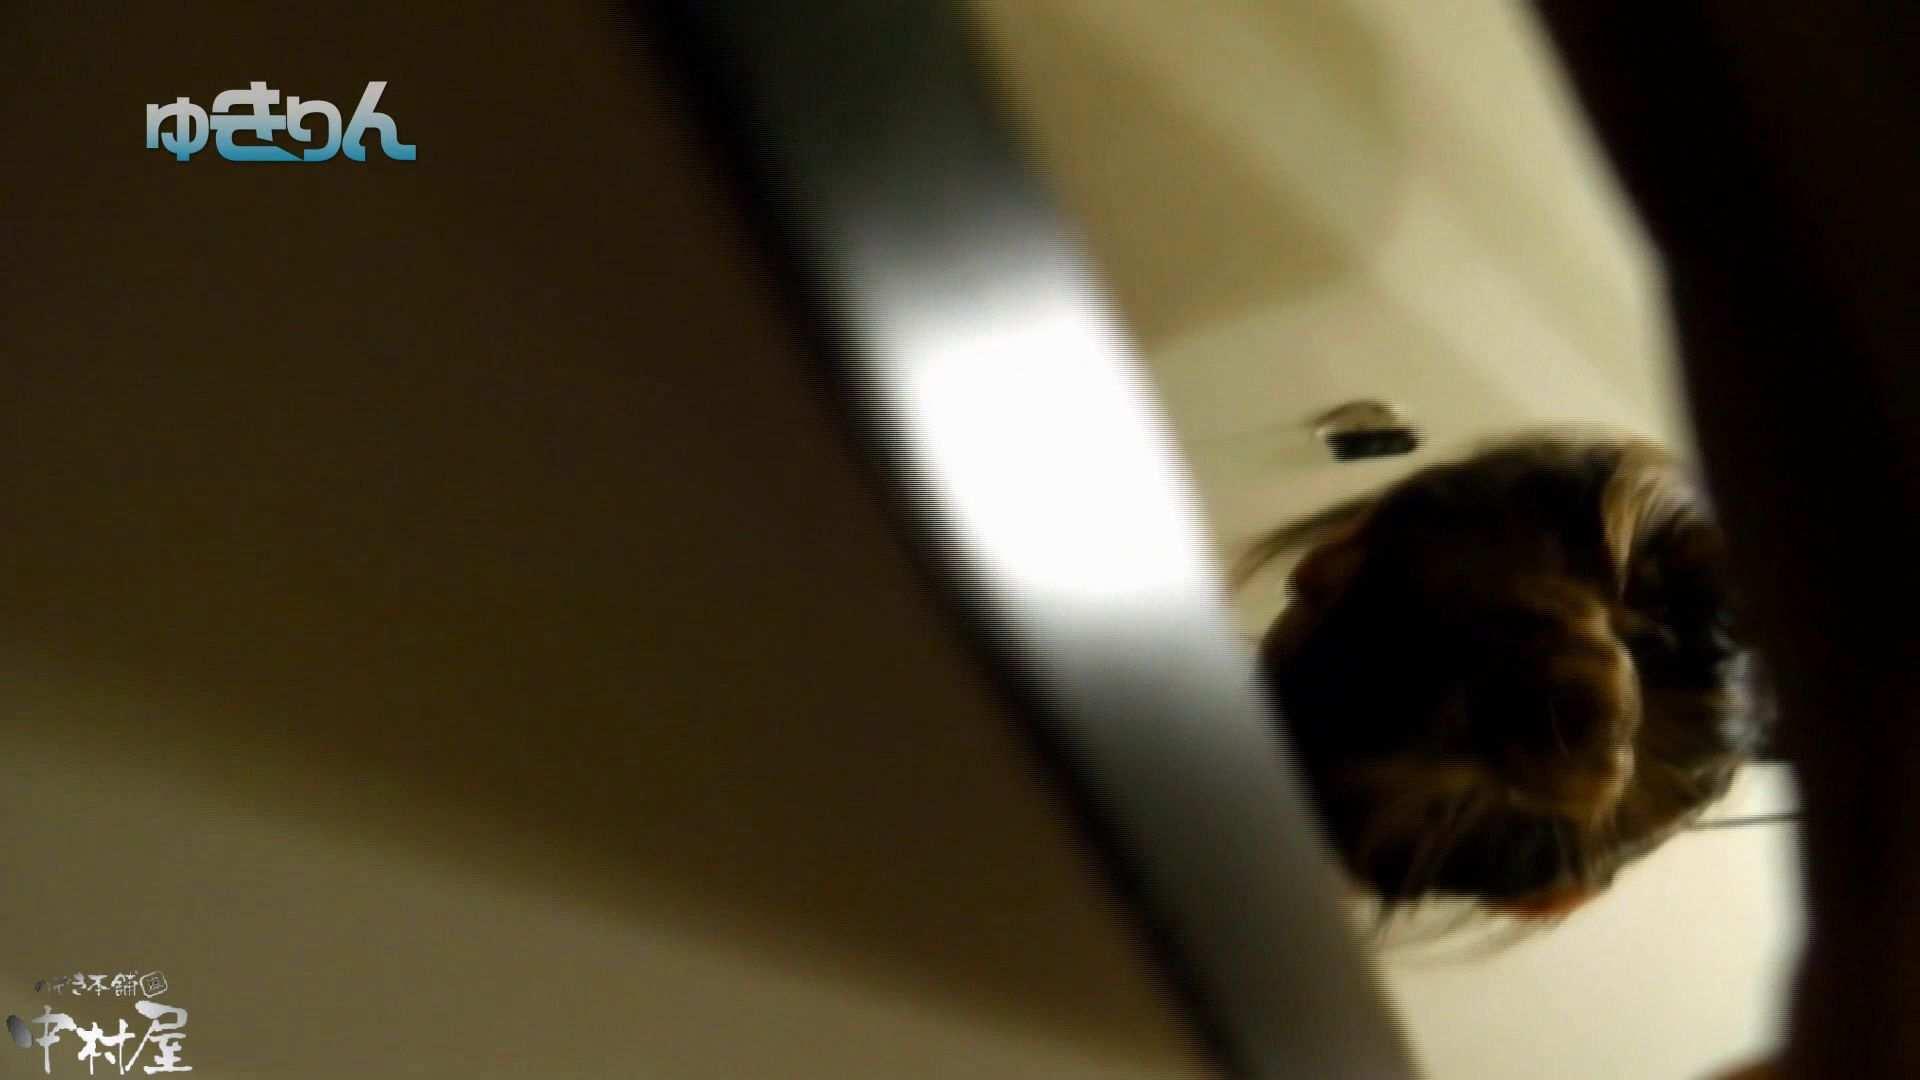 【世界の射窓から~ステーション編~】ステーション編 vol54 便秘のせいで長蛇の列、じっくり撮らせて頂きました後編 HなOL | 0  59pic 15